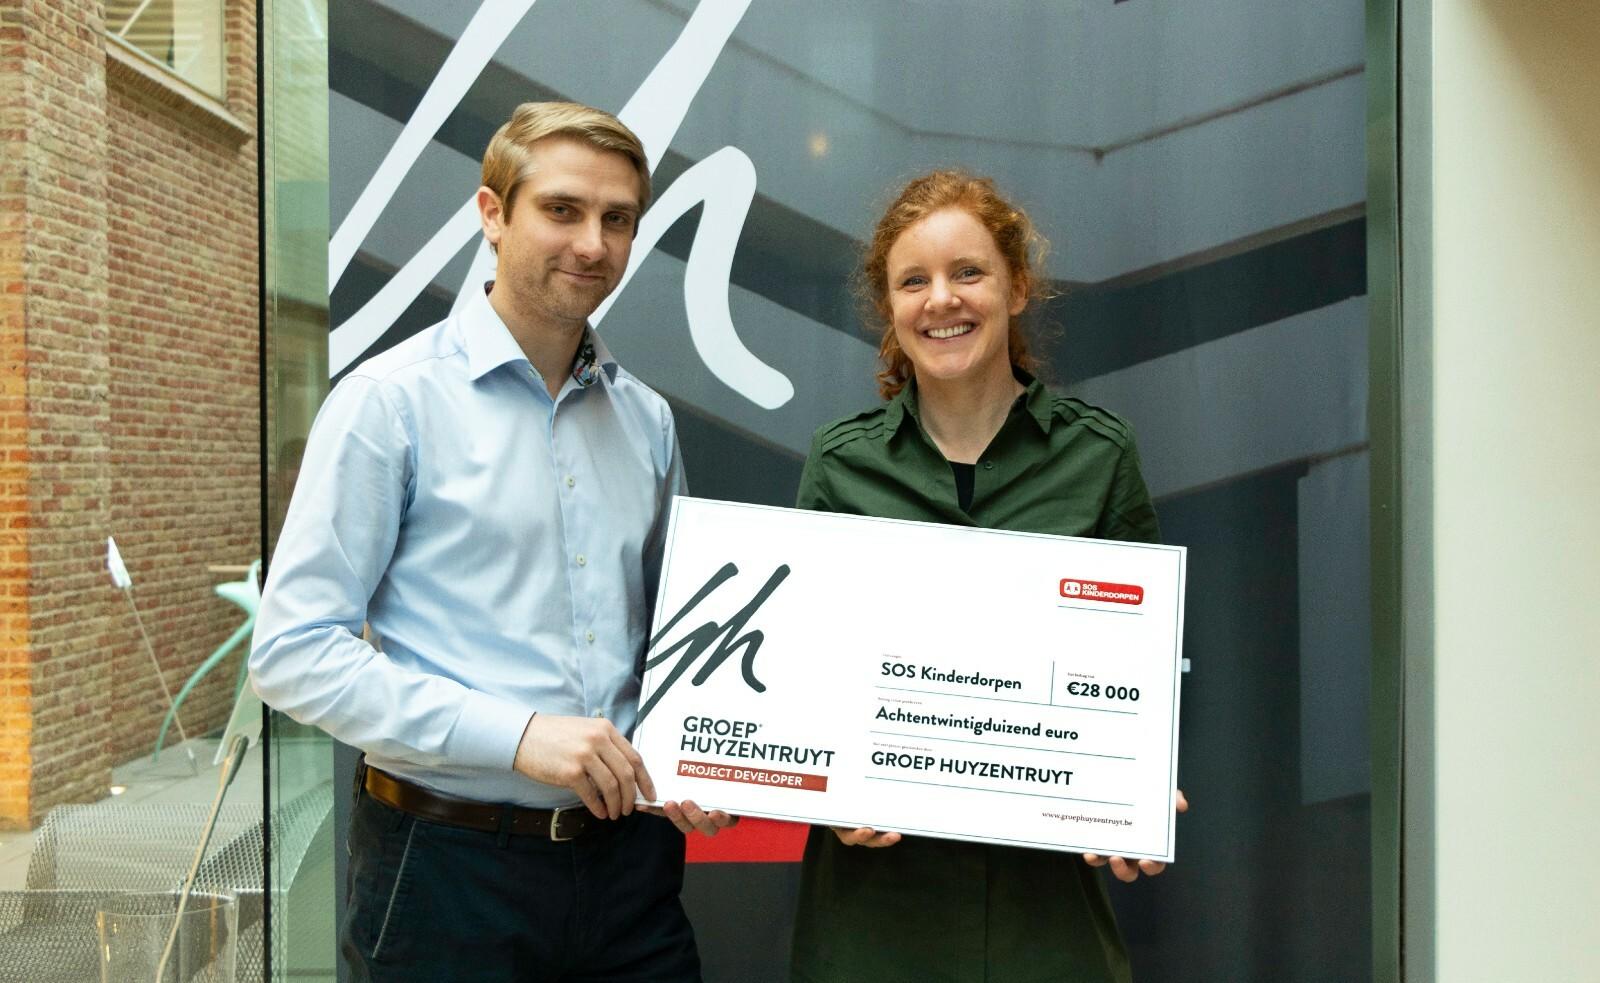 Groep Huyzentruyt schenkt ook dit jaar geld aan sos kinderdorpen